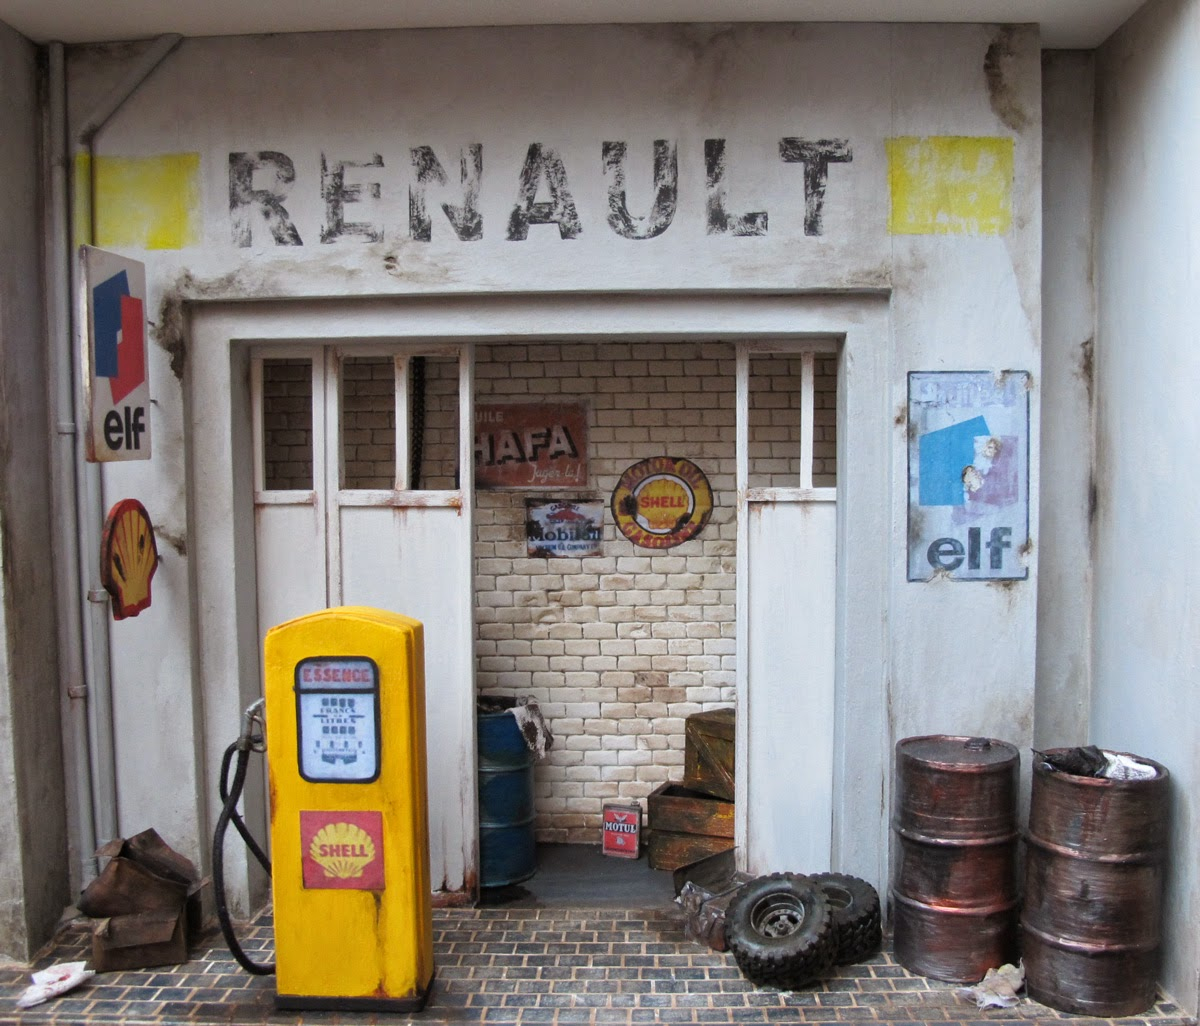 Miniatures ladan le garage renault for Garage renault dommartin les toul